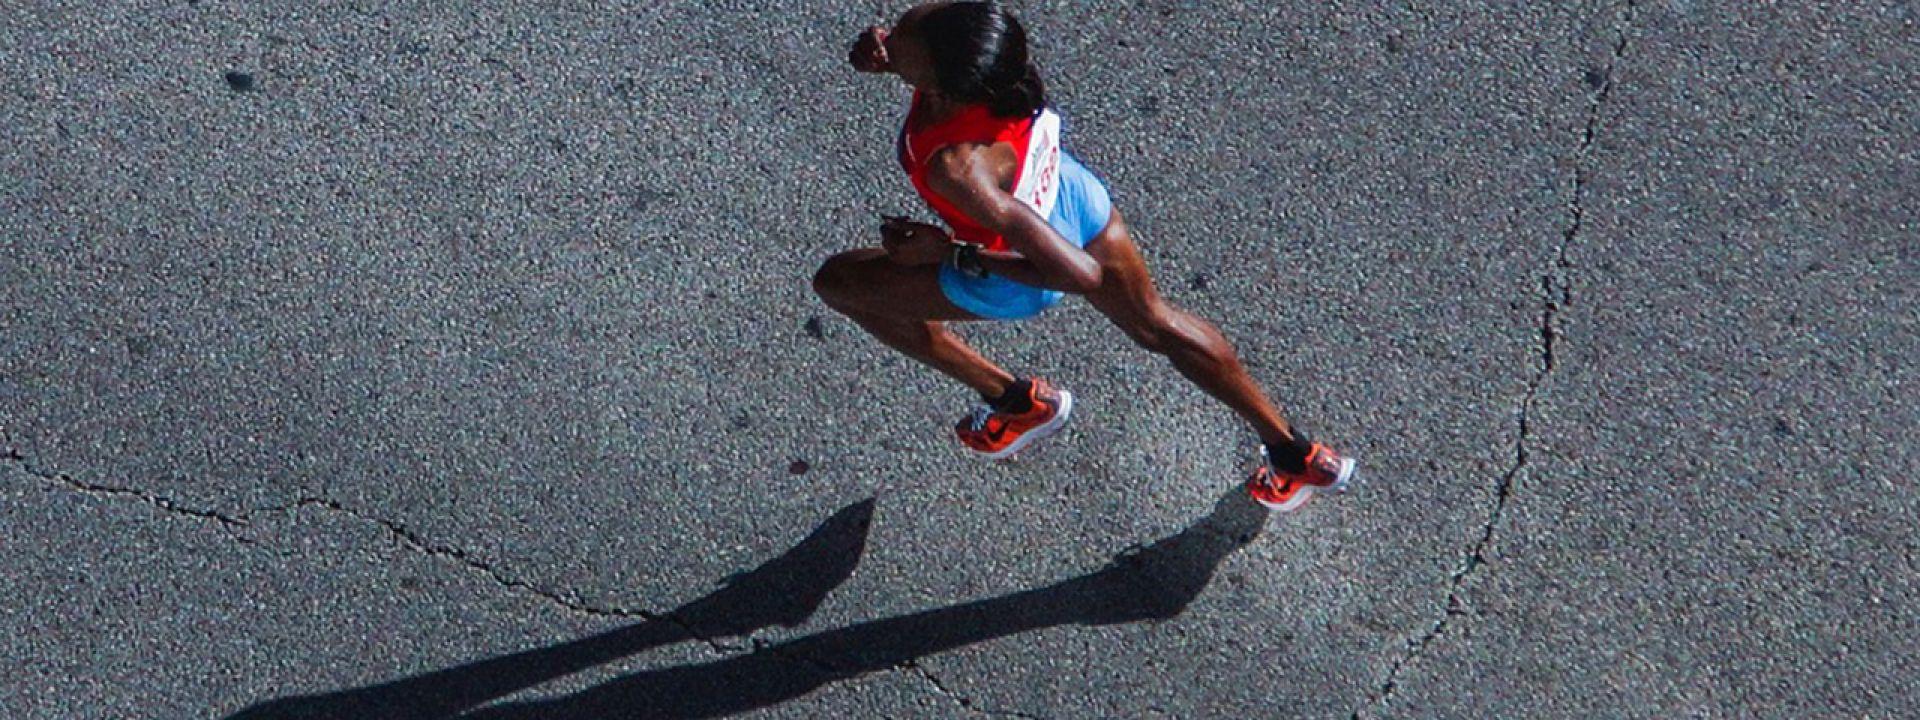 Φωτογραφία ενός κοριτσιού που τρέχει